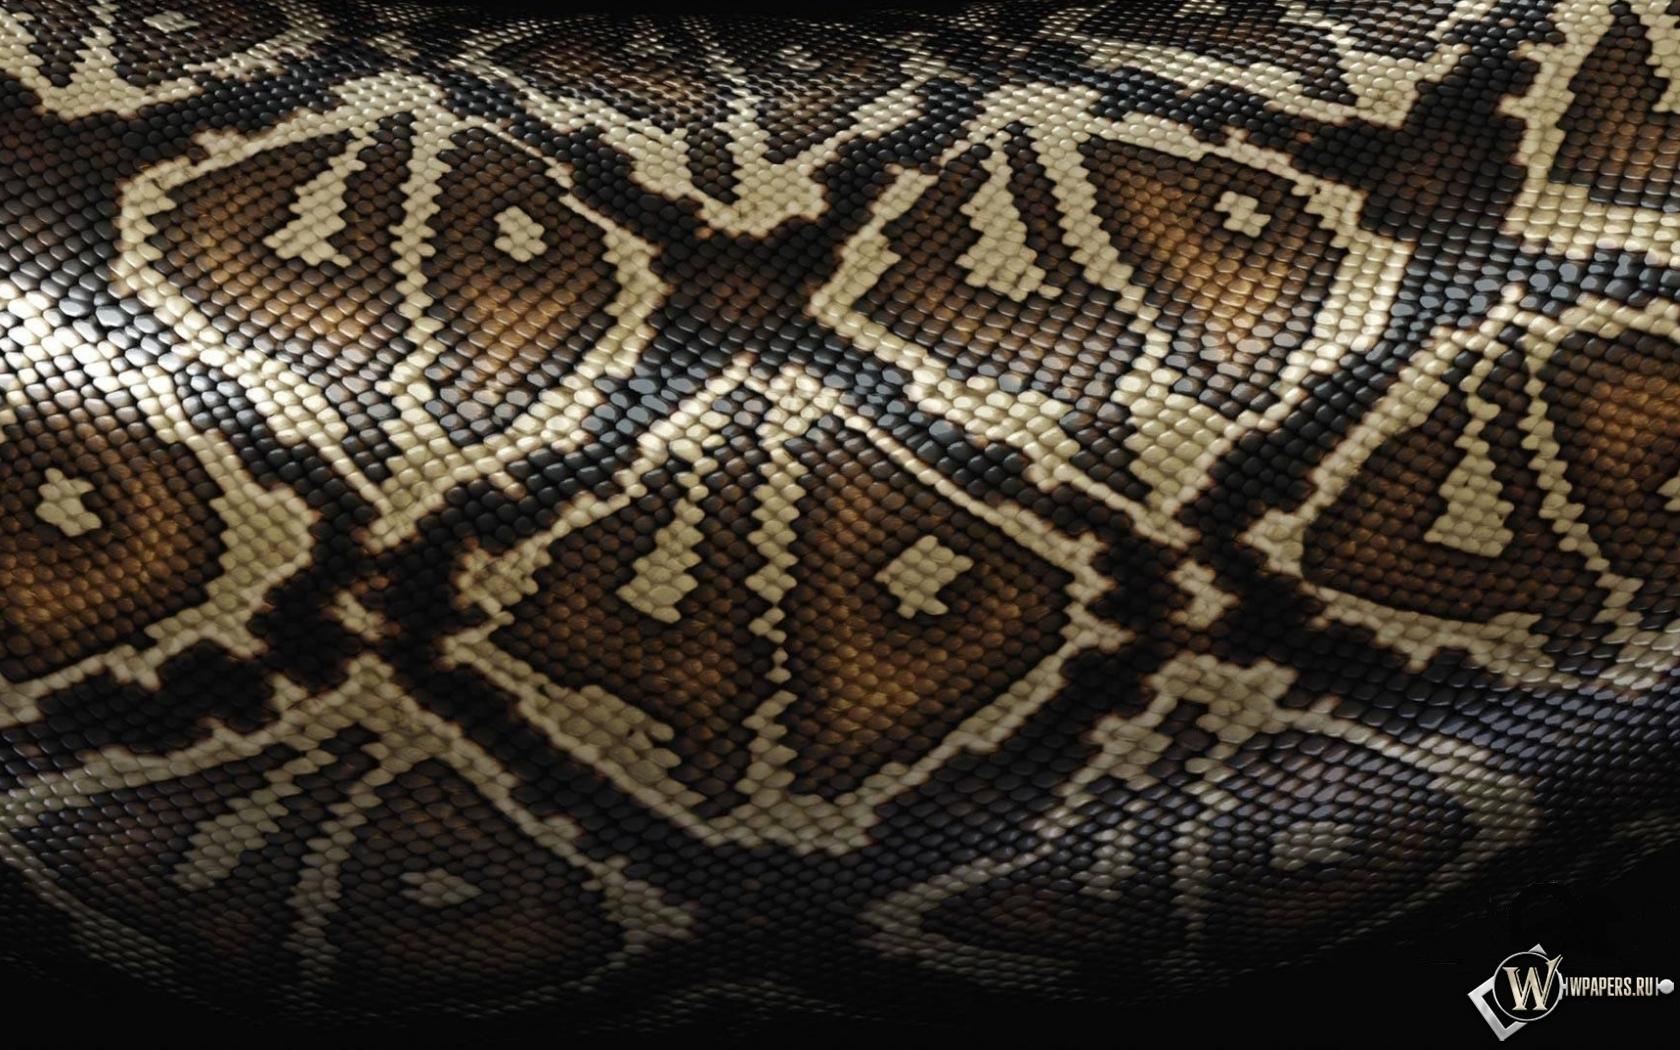 Змеиная шкура 1680x1050